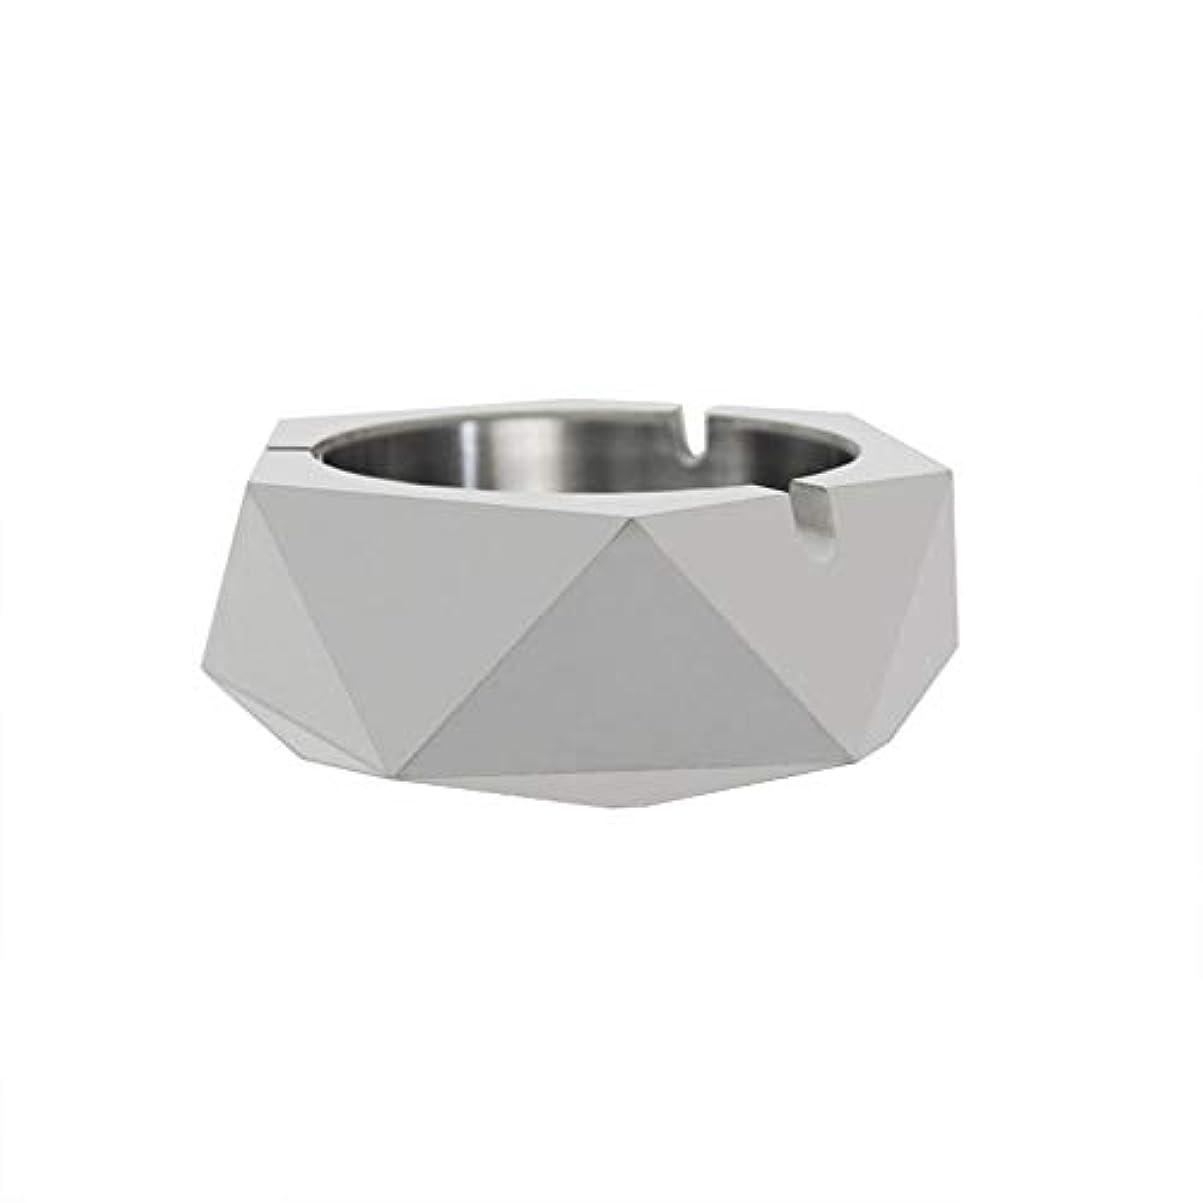 アシスタント支店悪因子ダイヤモンド型シリコーン型石膏セメントDIY灰皿ローソク足、セメントクリエイティブ灰皿、セメントクリエイティブ灰皿増加 (色 : A)